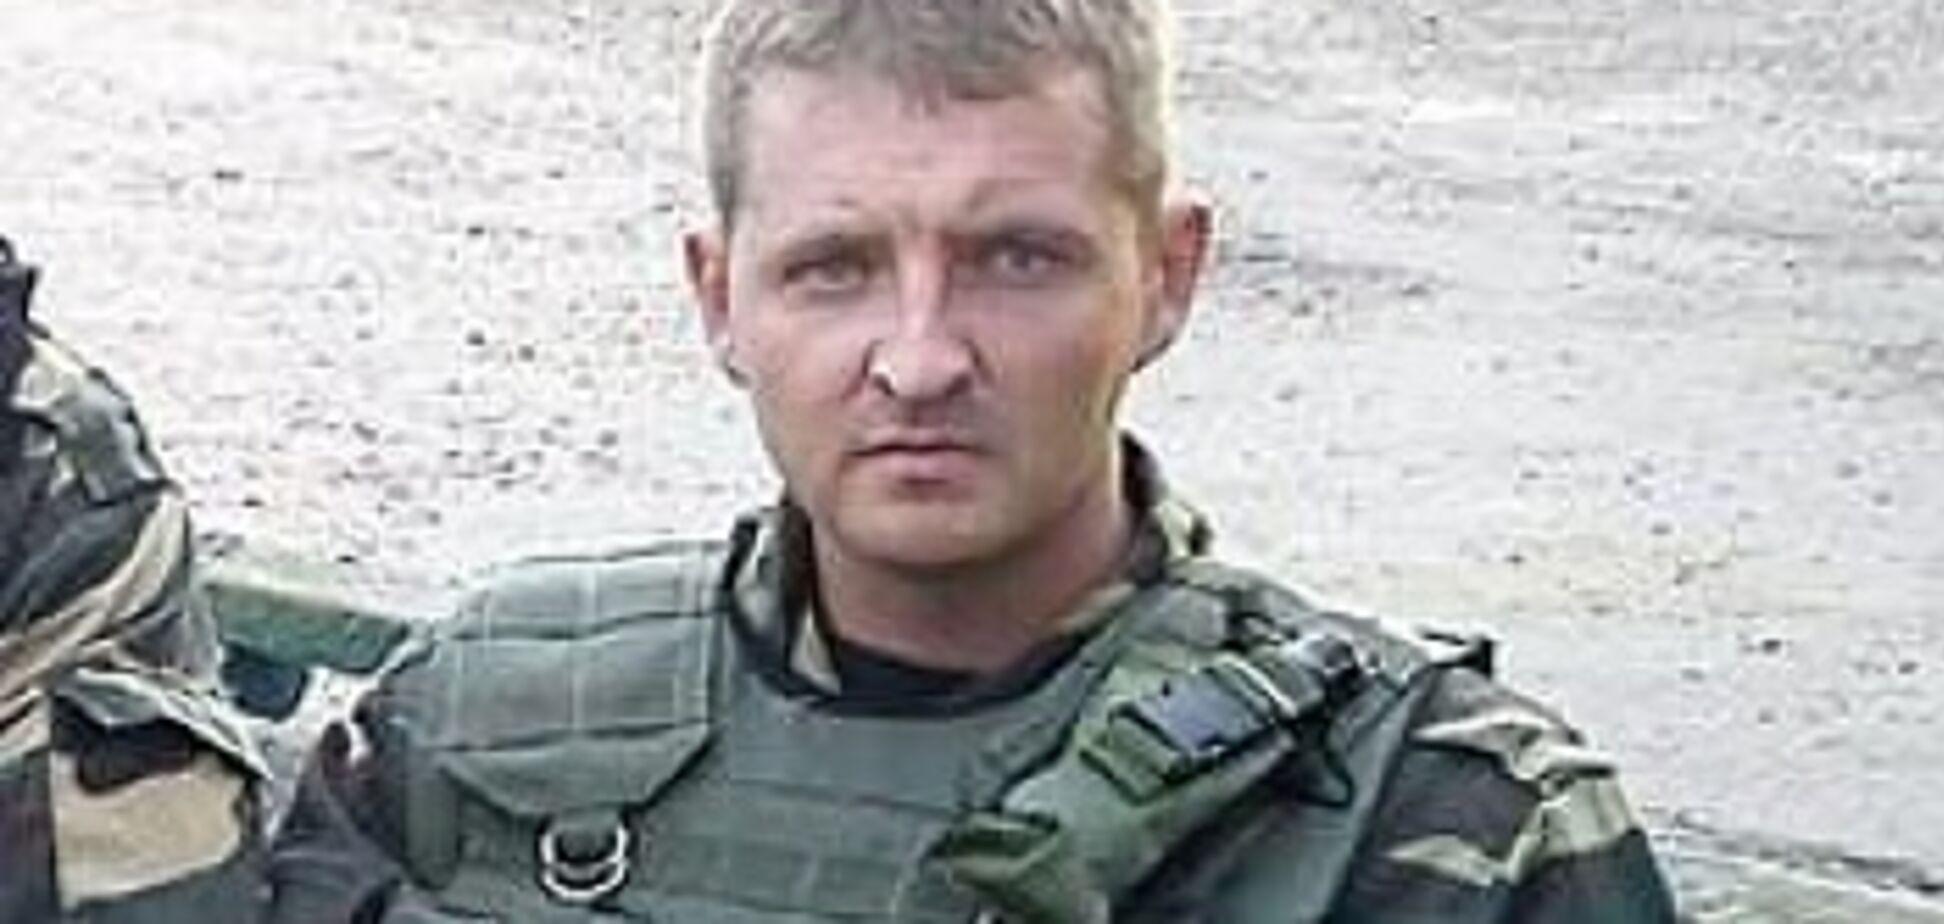 Дело пограничника Колмогорова: у нас разгоняют тезисы российской пропаганды